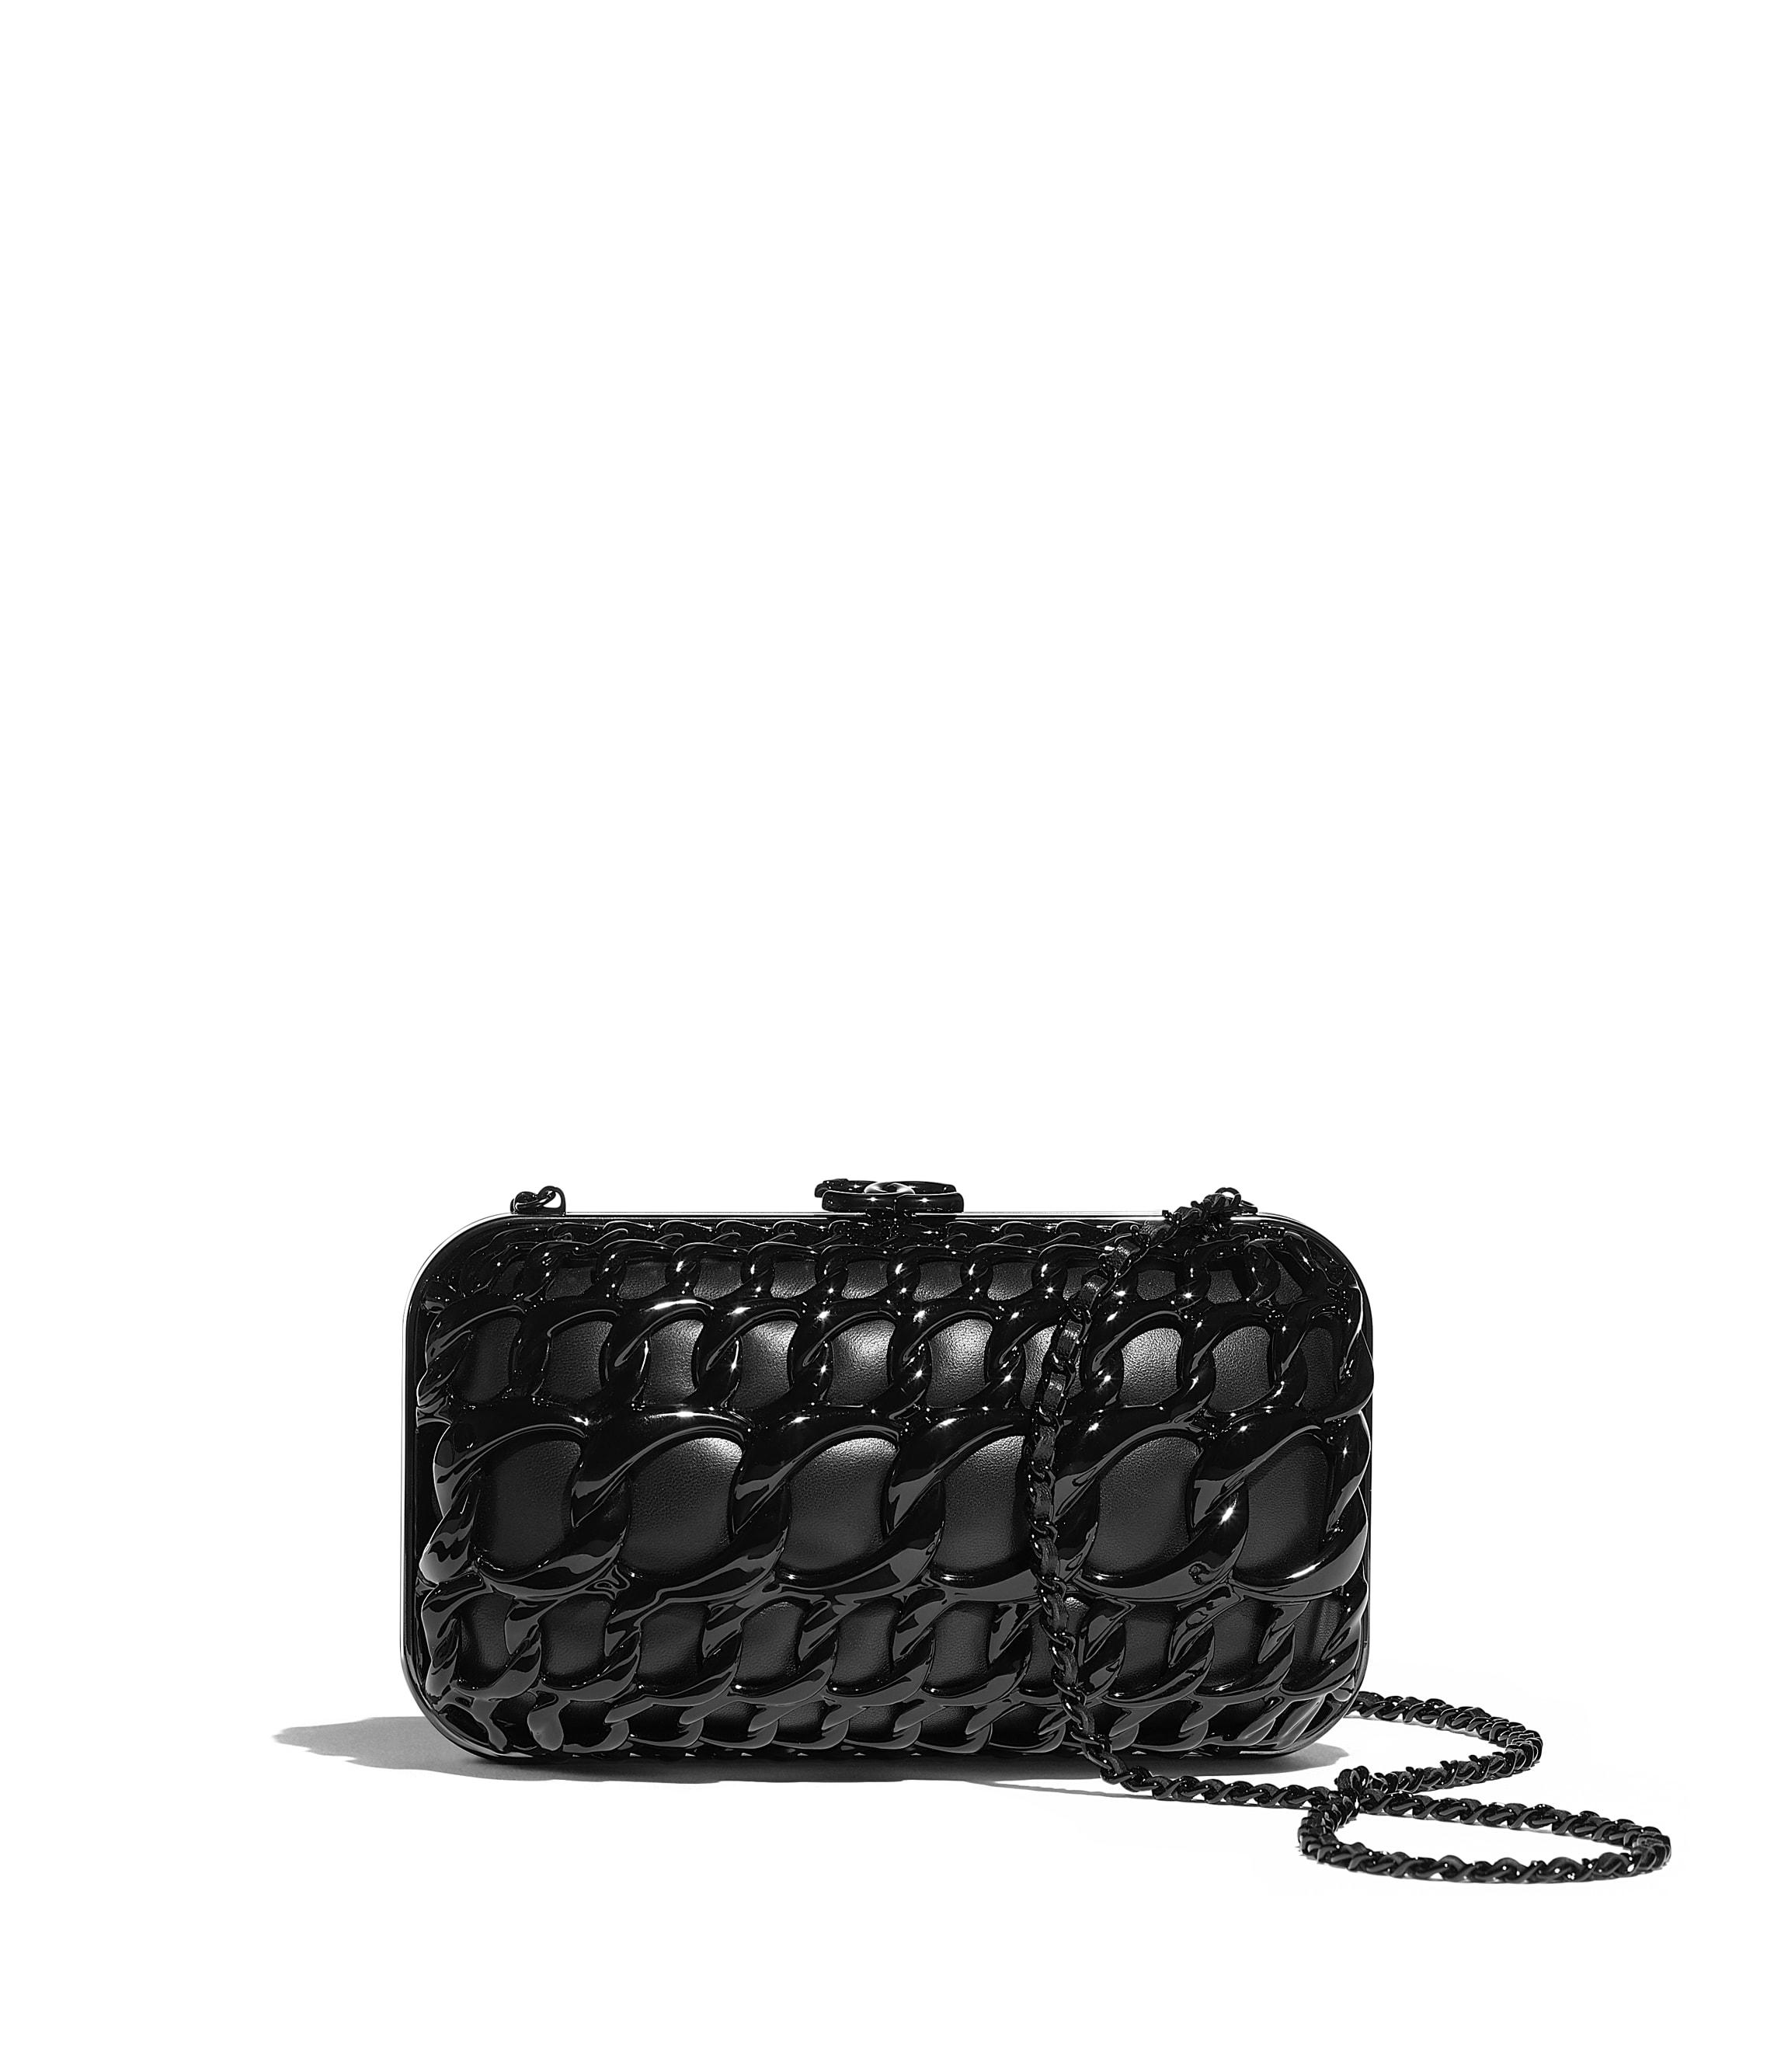 4ccf1b3d70a5 Clutches - Handbags - CHANEL